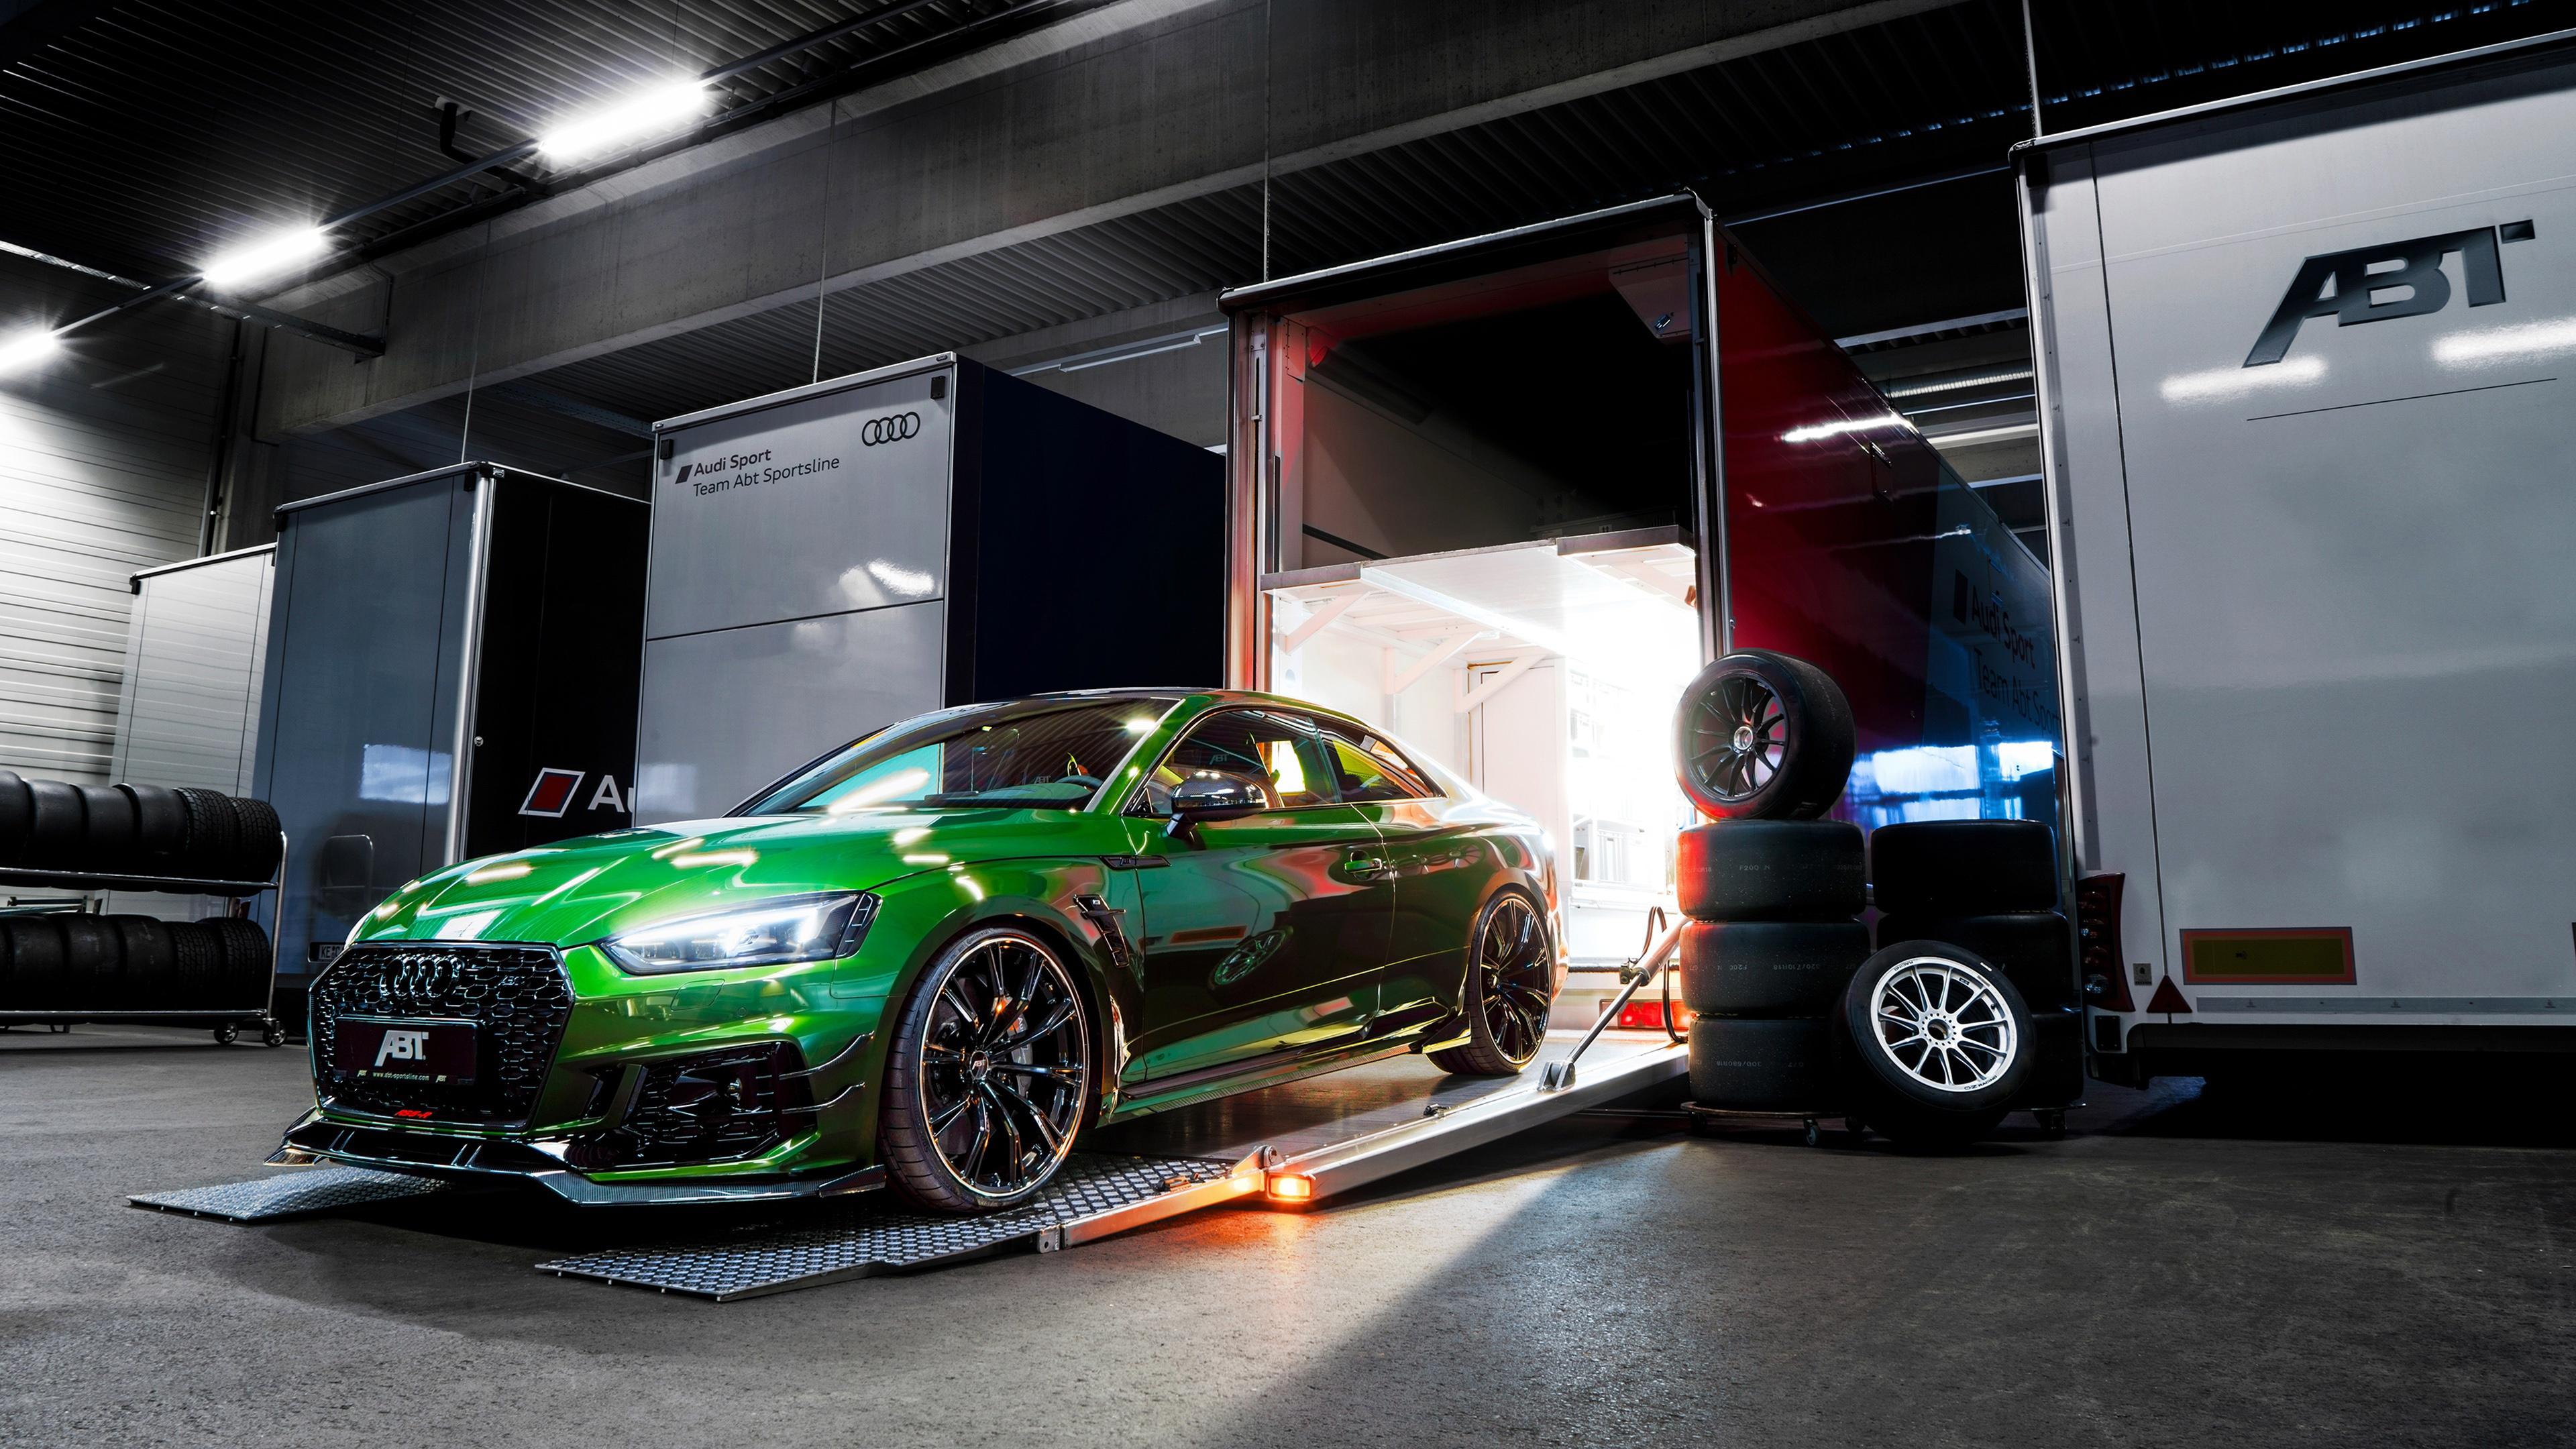 Ярко-зеленый,блестящий автомобиль Ауди из автосалона